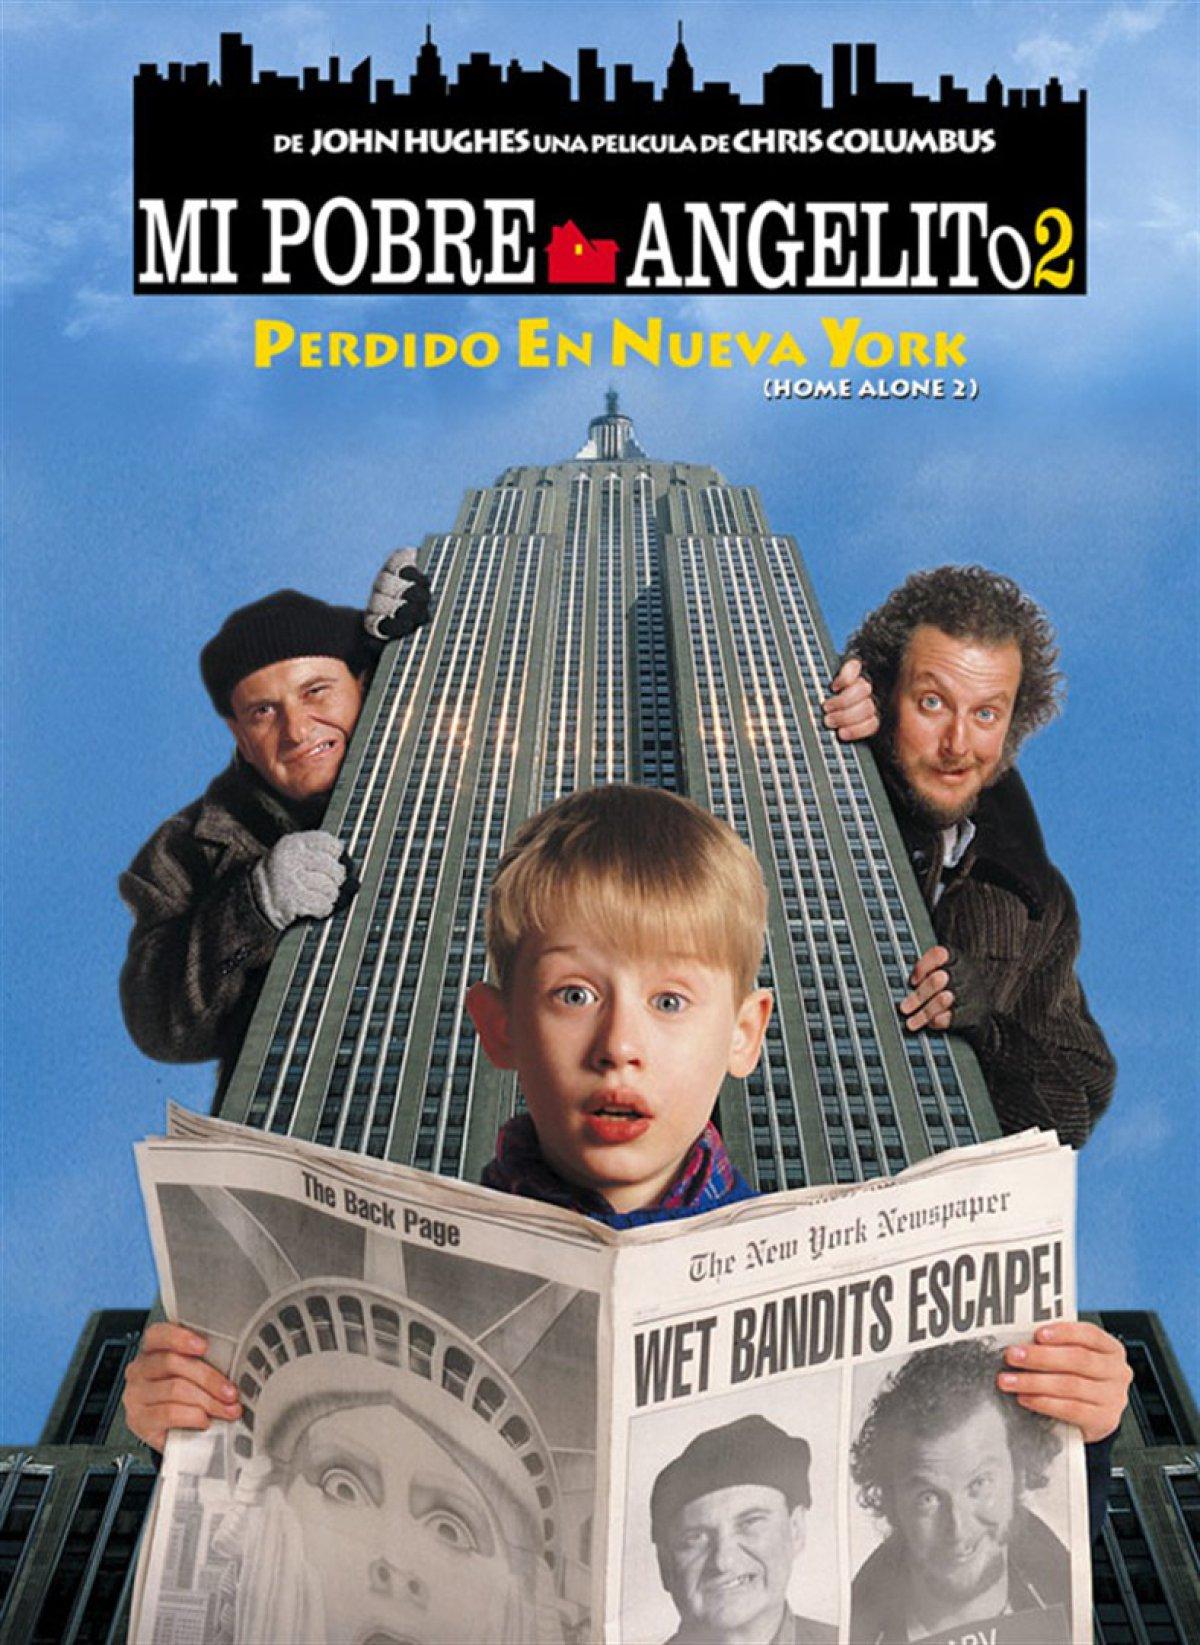 Mi pobre angelito 2: Perdido en Nueva York